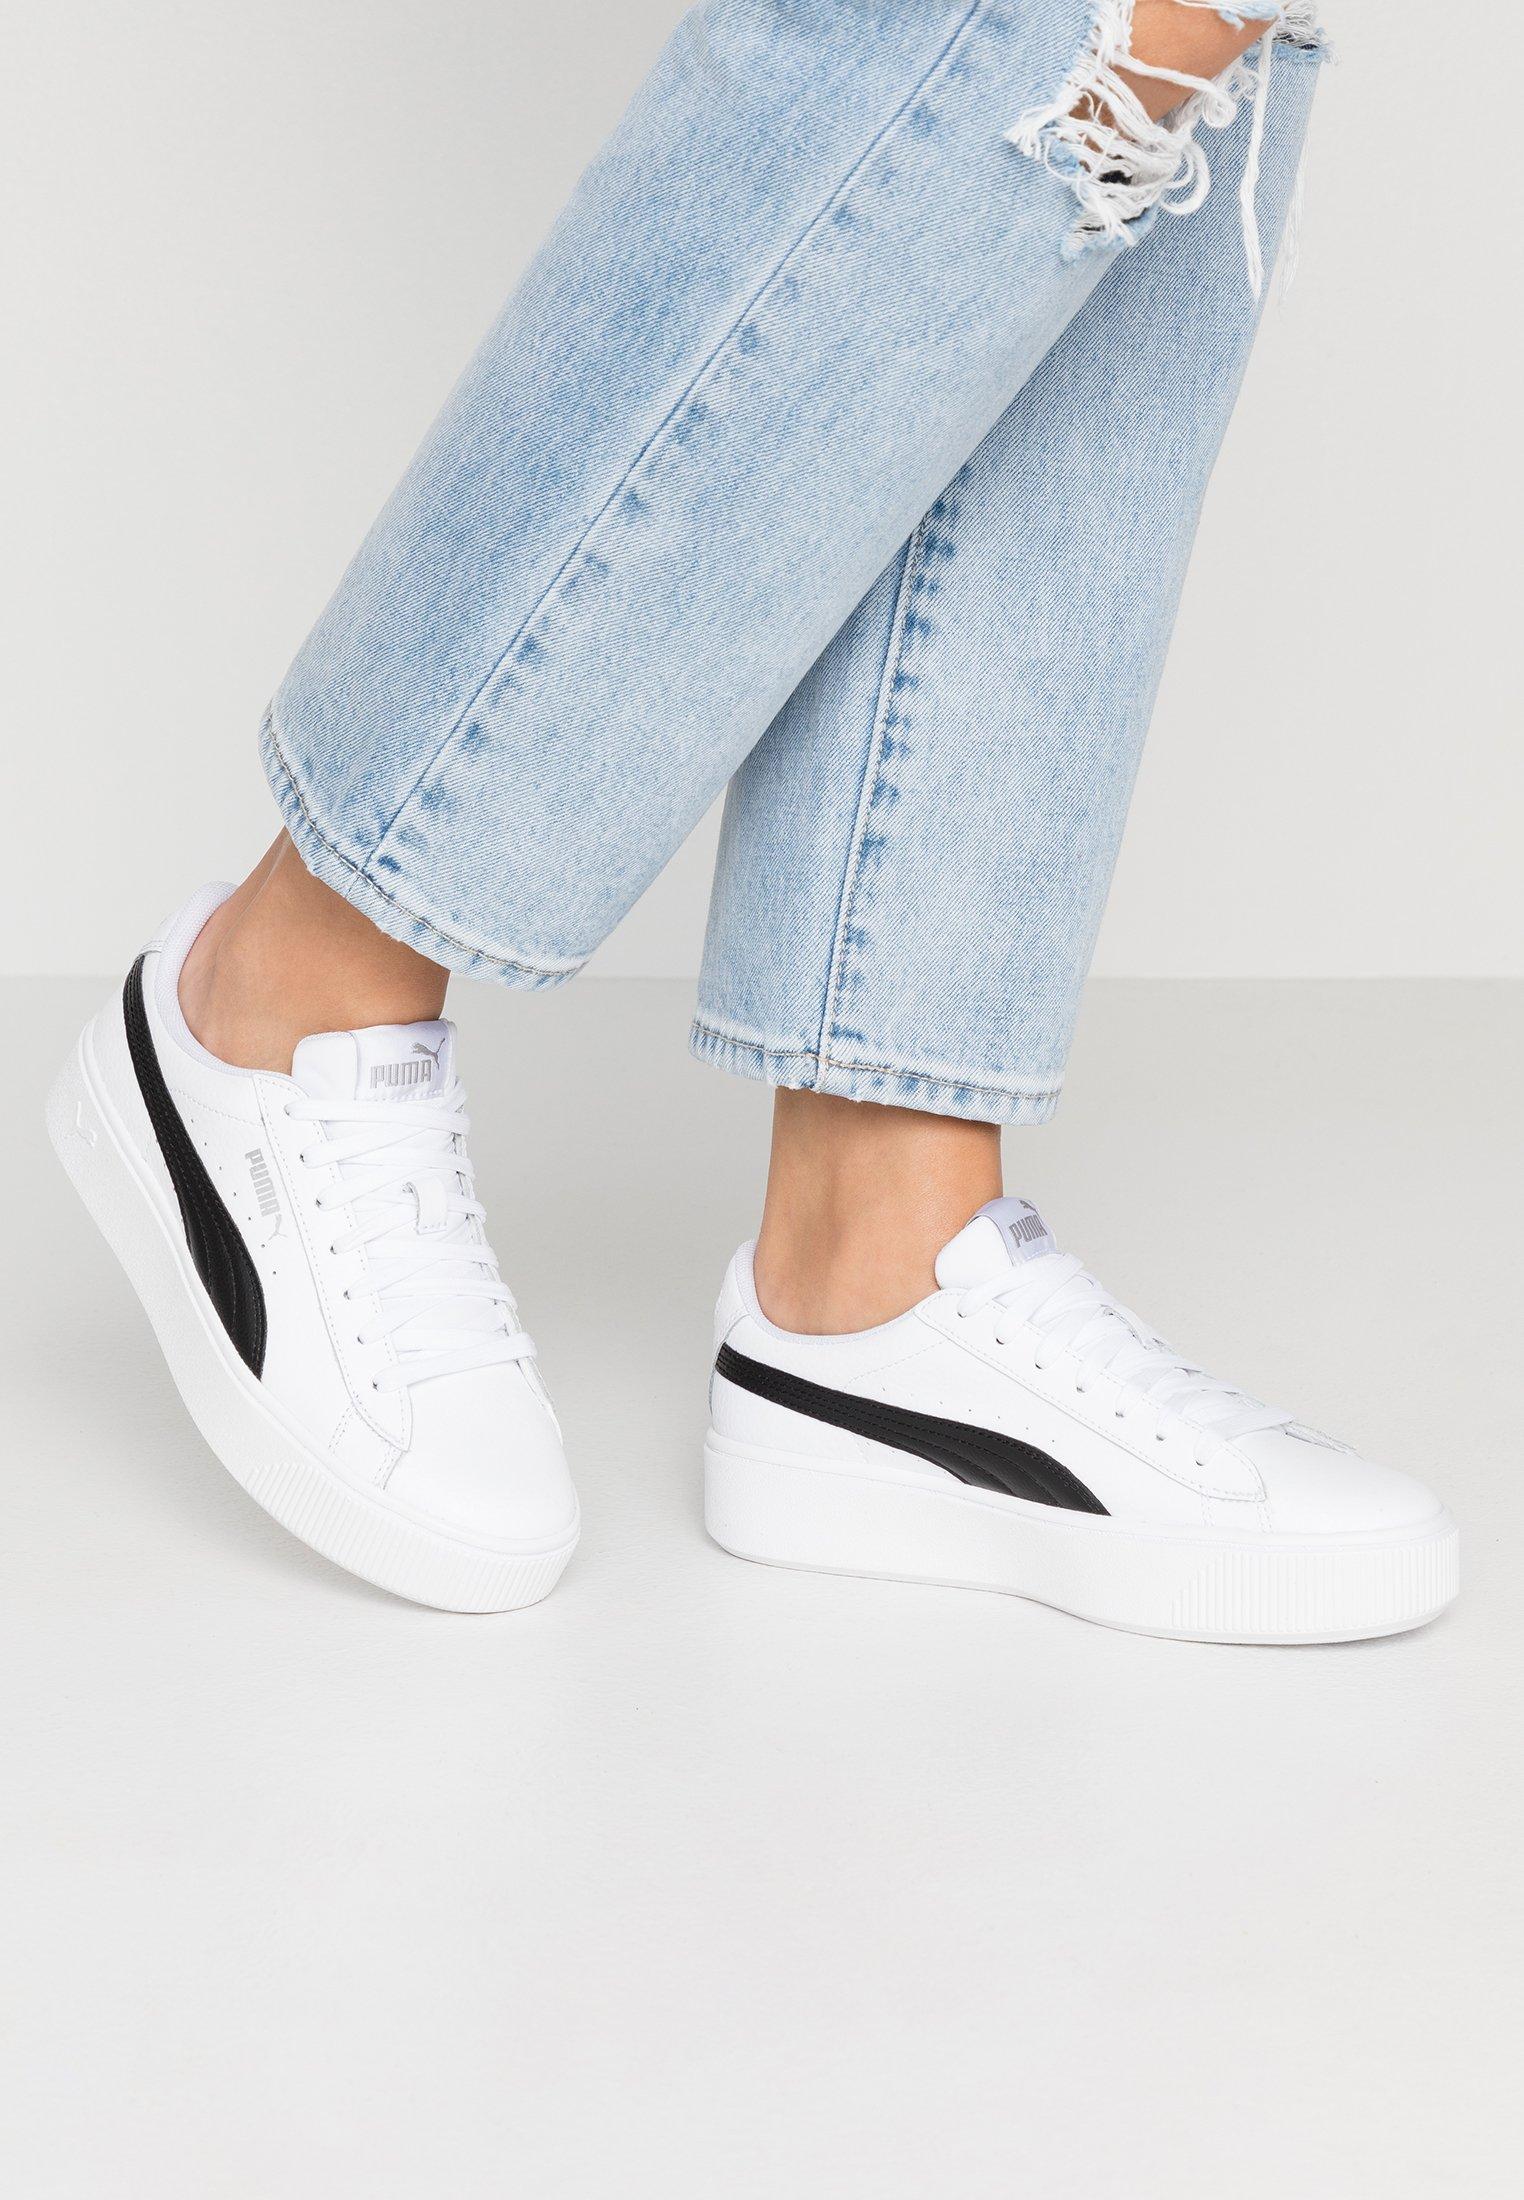 Scarpe donna Puma | Grande assortimento di calzature su Zalando